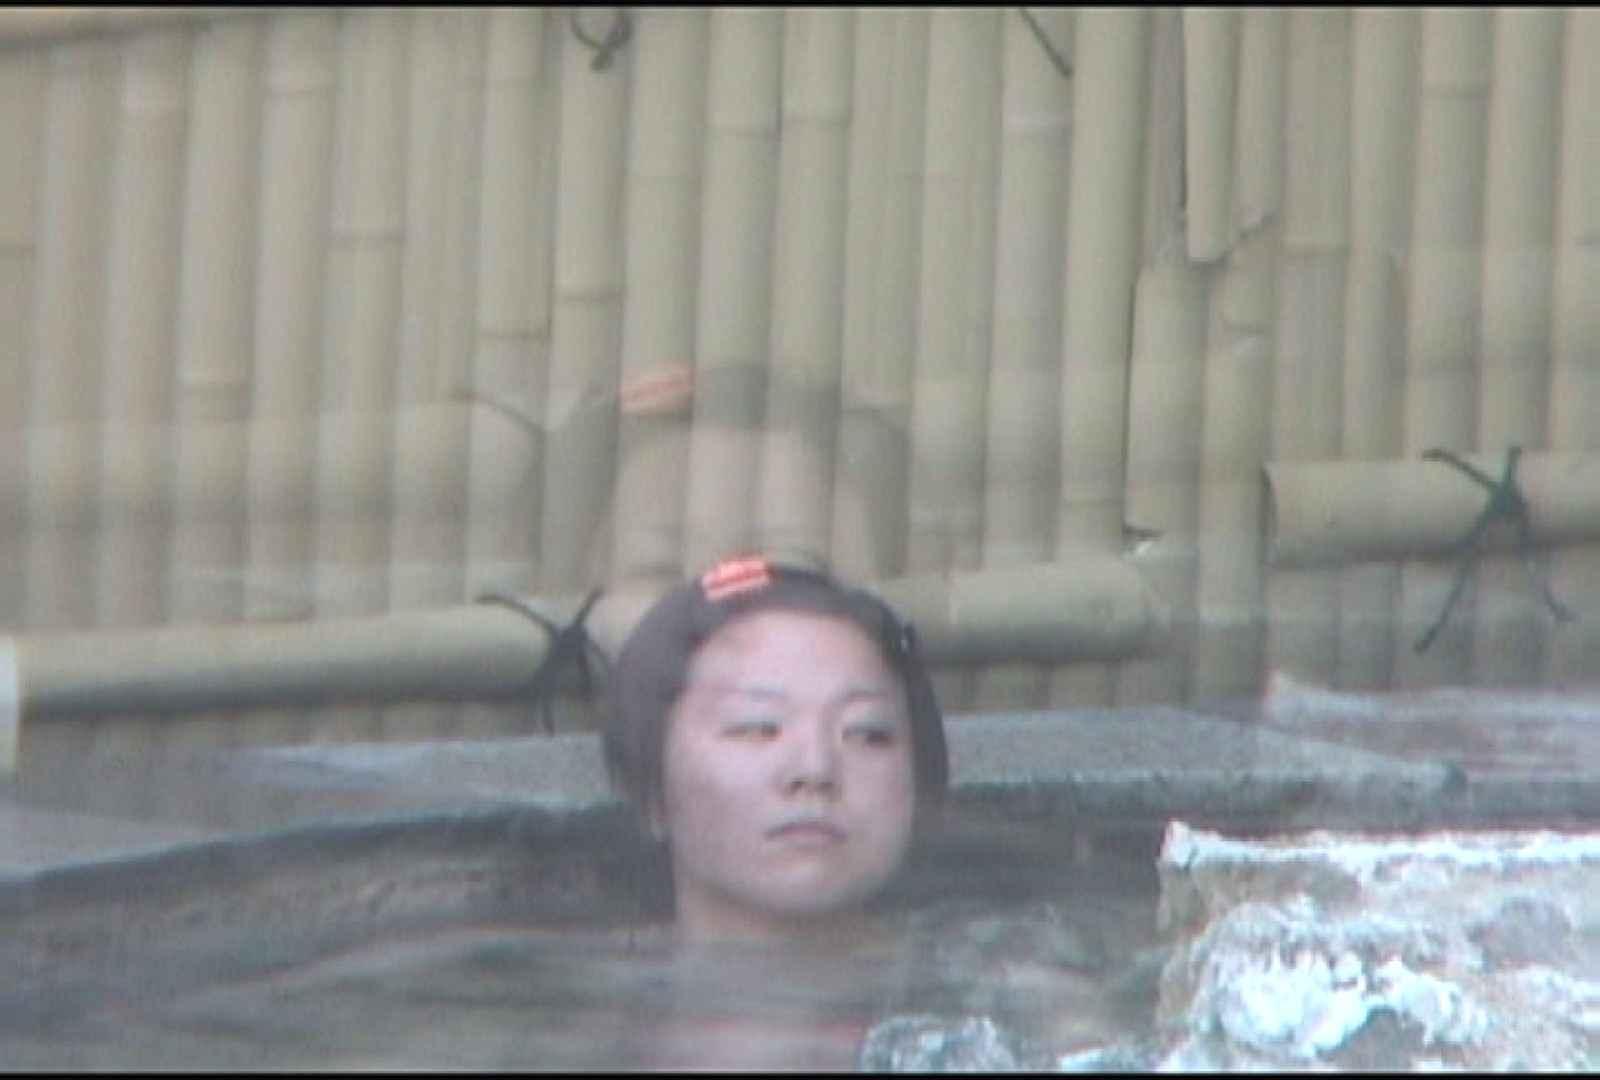 Aquaな露天風呂Vol.175 露天 | 綺麗なOLたち  99枚 94